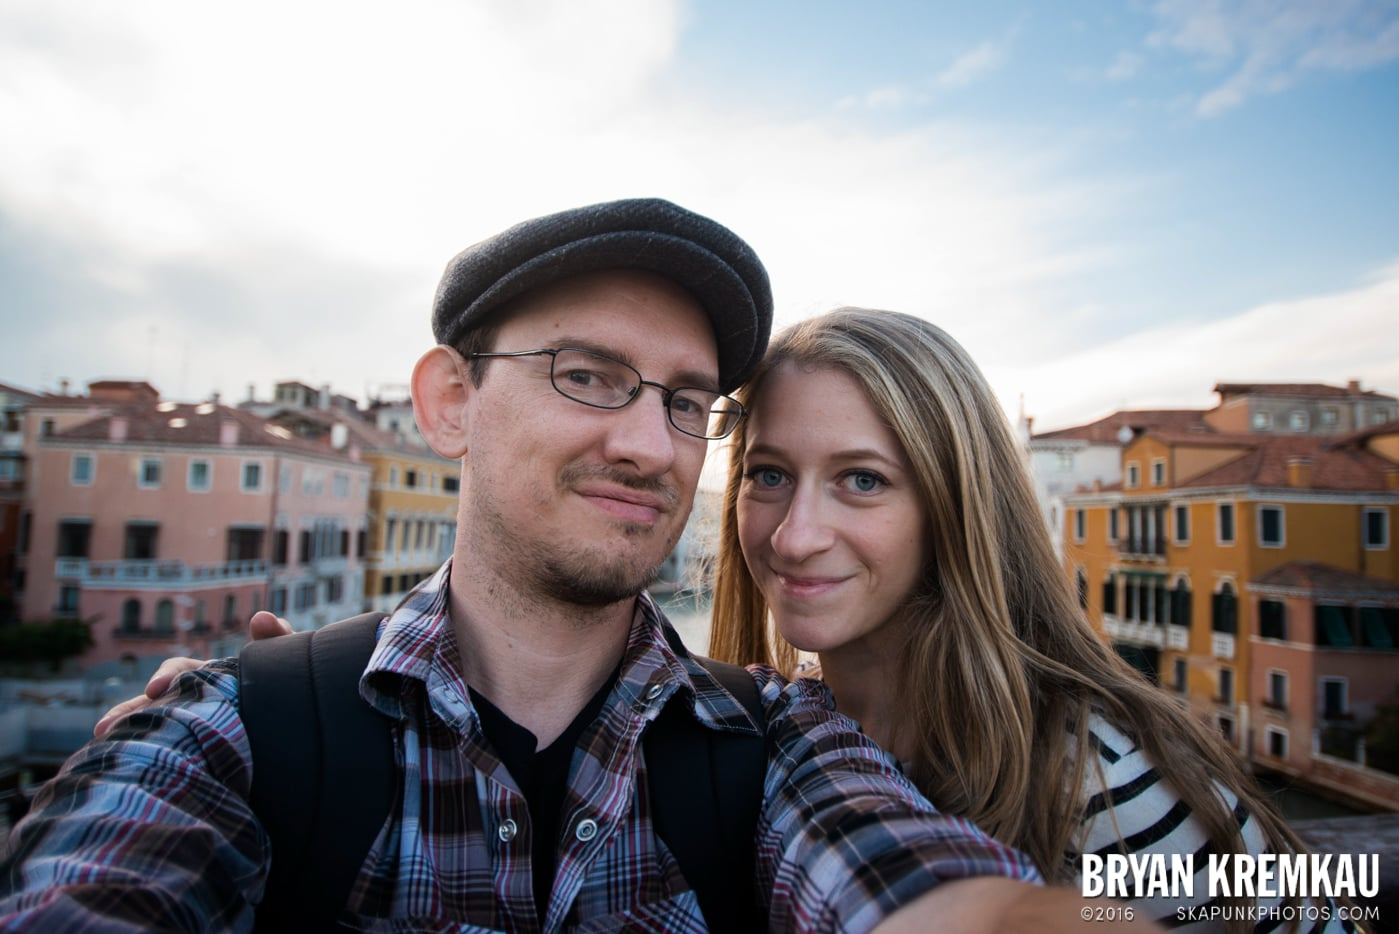 Italy Vacation - Day 4: Venice - 9.12.13 (3)